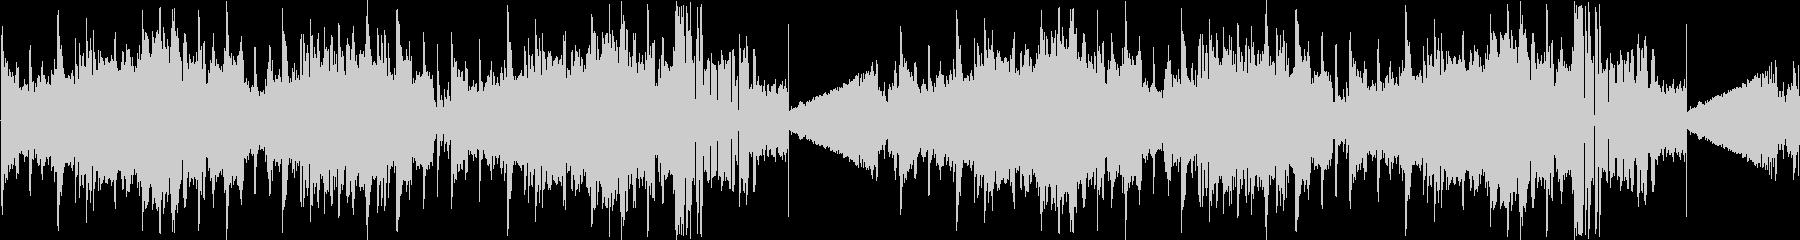 【ラウンジJAZZ/チルアウト】の未再生の波形